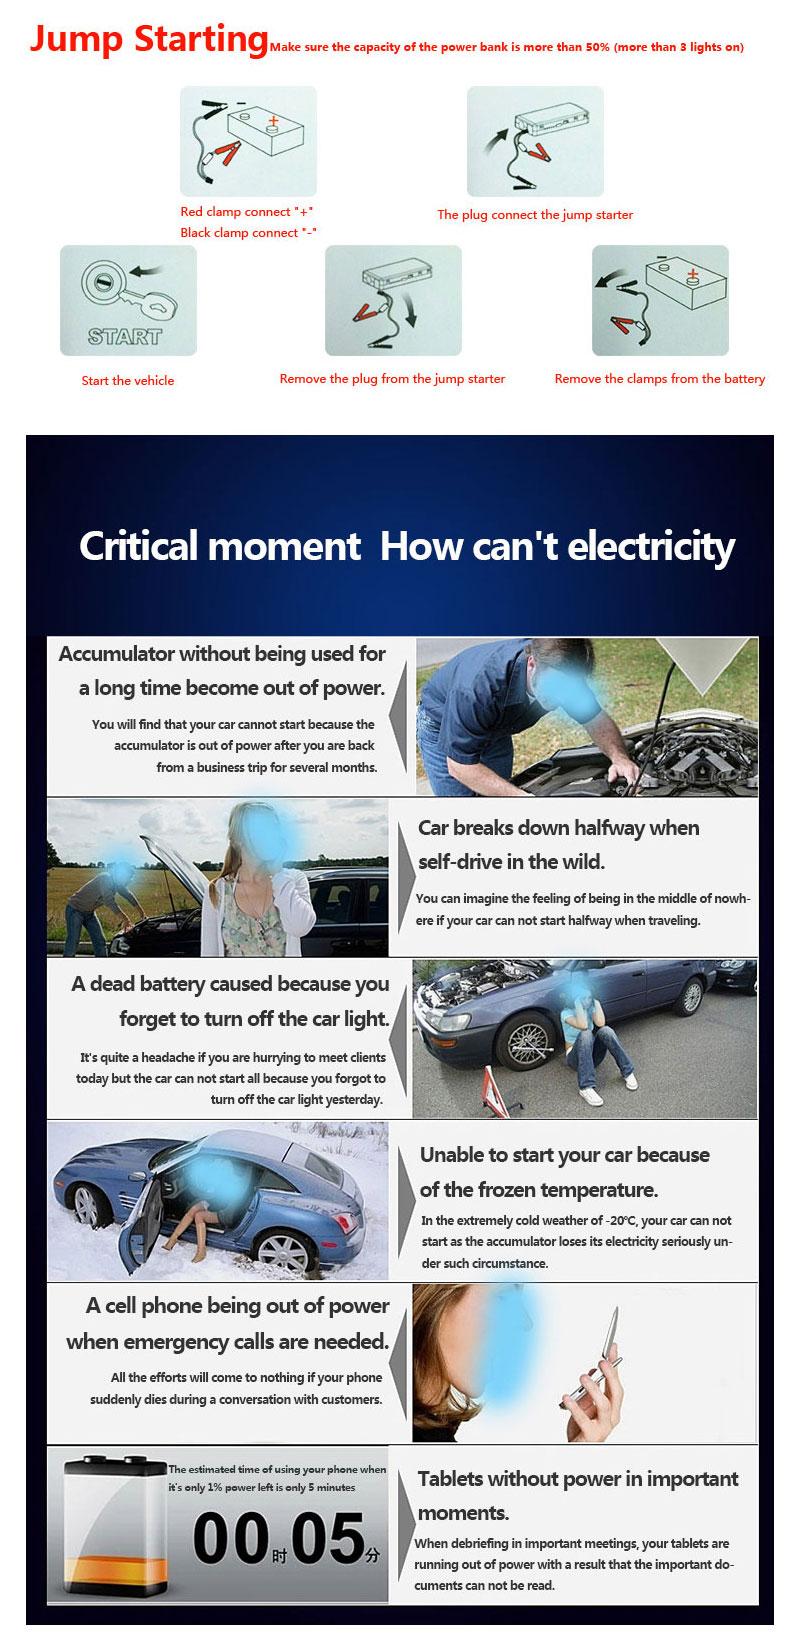 car-jump-starter-start-procedure